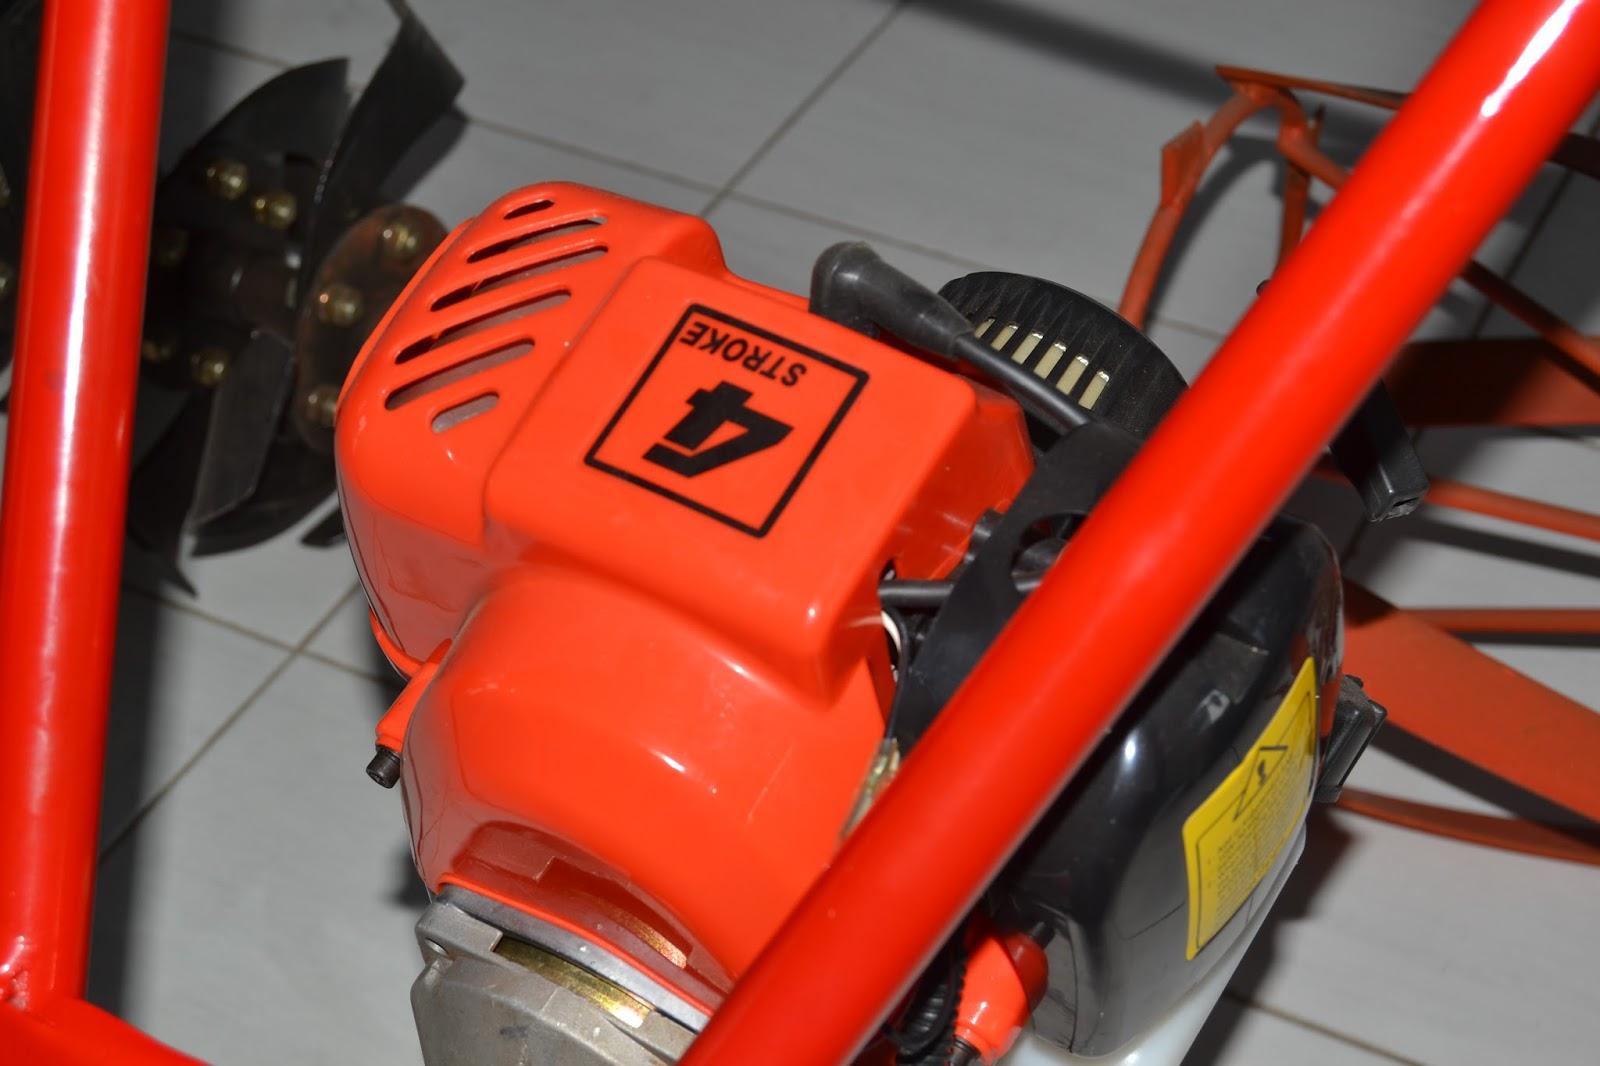 Mesin Matun Saam Pw04 Santoso Advance Agricultural Machinery Paket Tudung Padi 1 Pisau Dan Gearcase Alat Ini Menggunakan 4 Tak Memiliki Roda Yang Bisa Disesuaikan Untuk Jalur Atapun 2